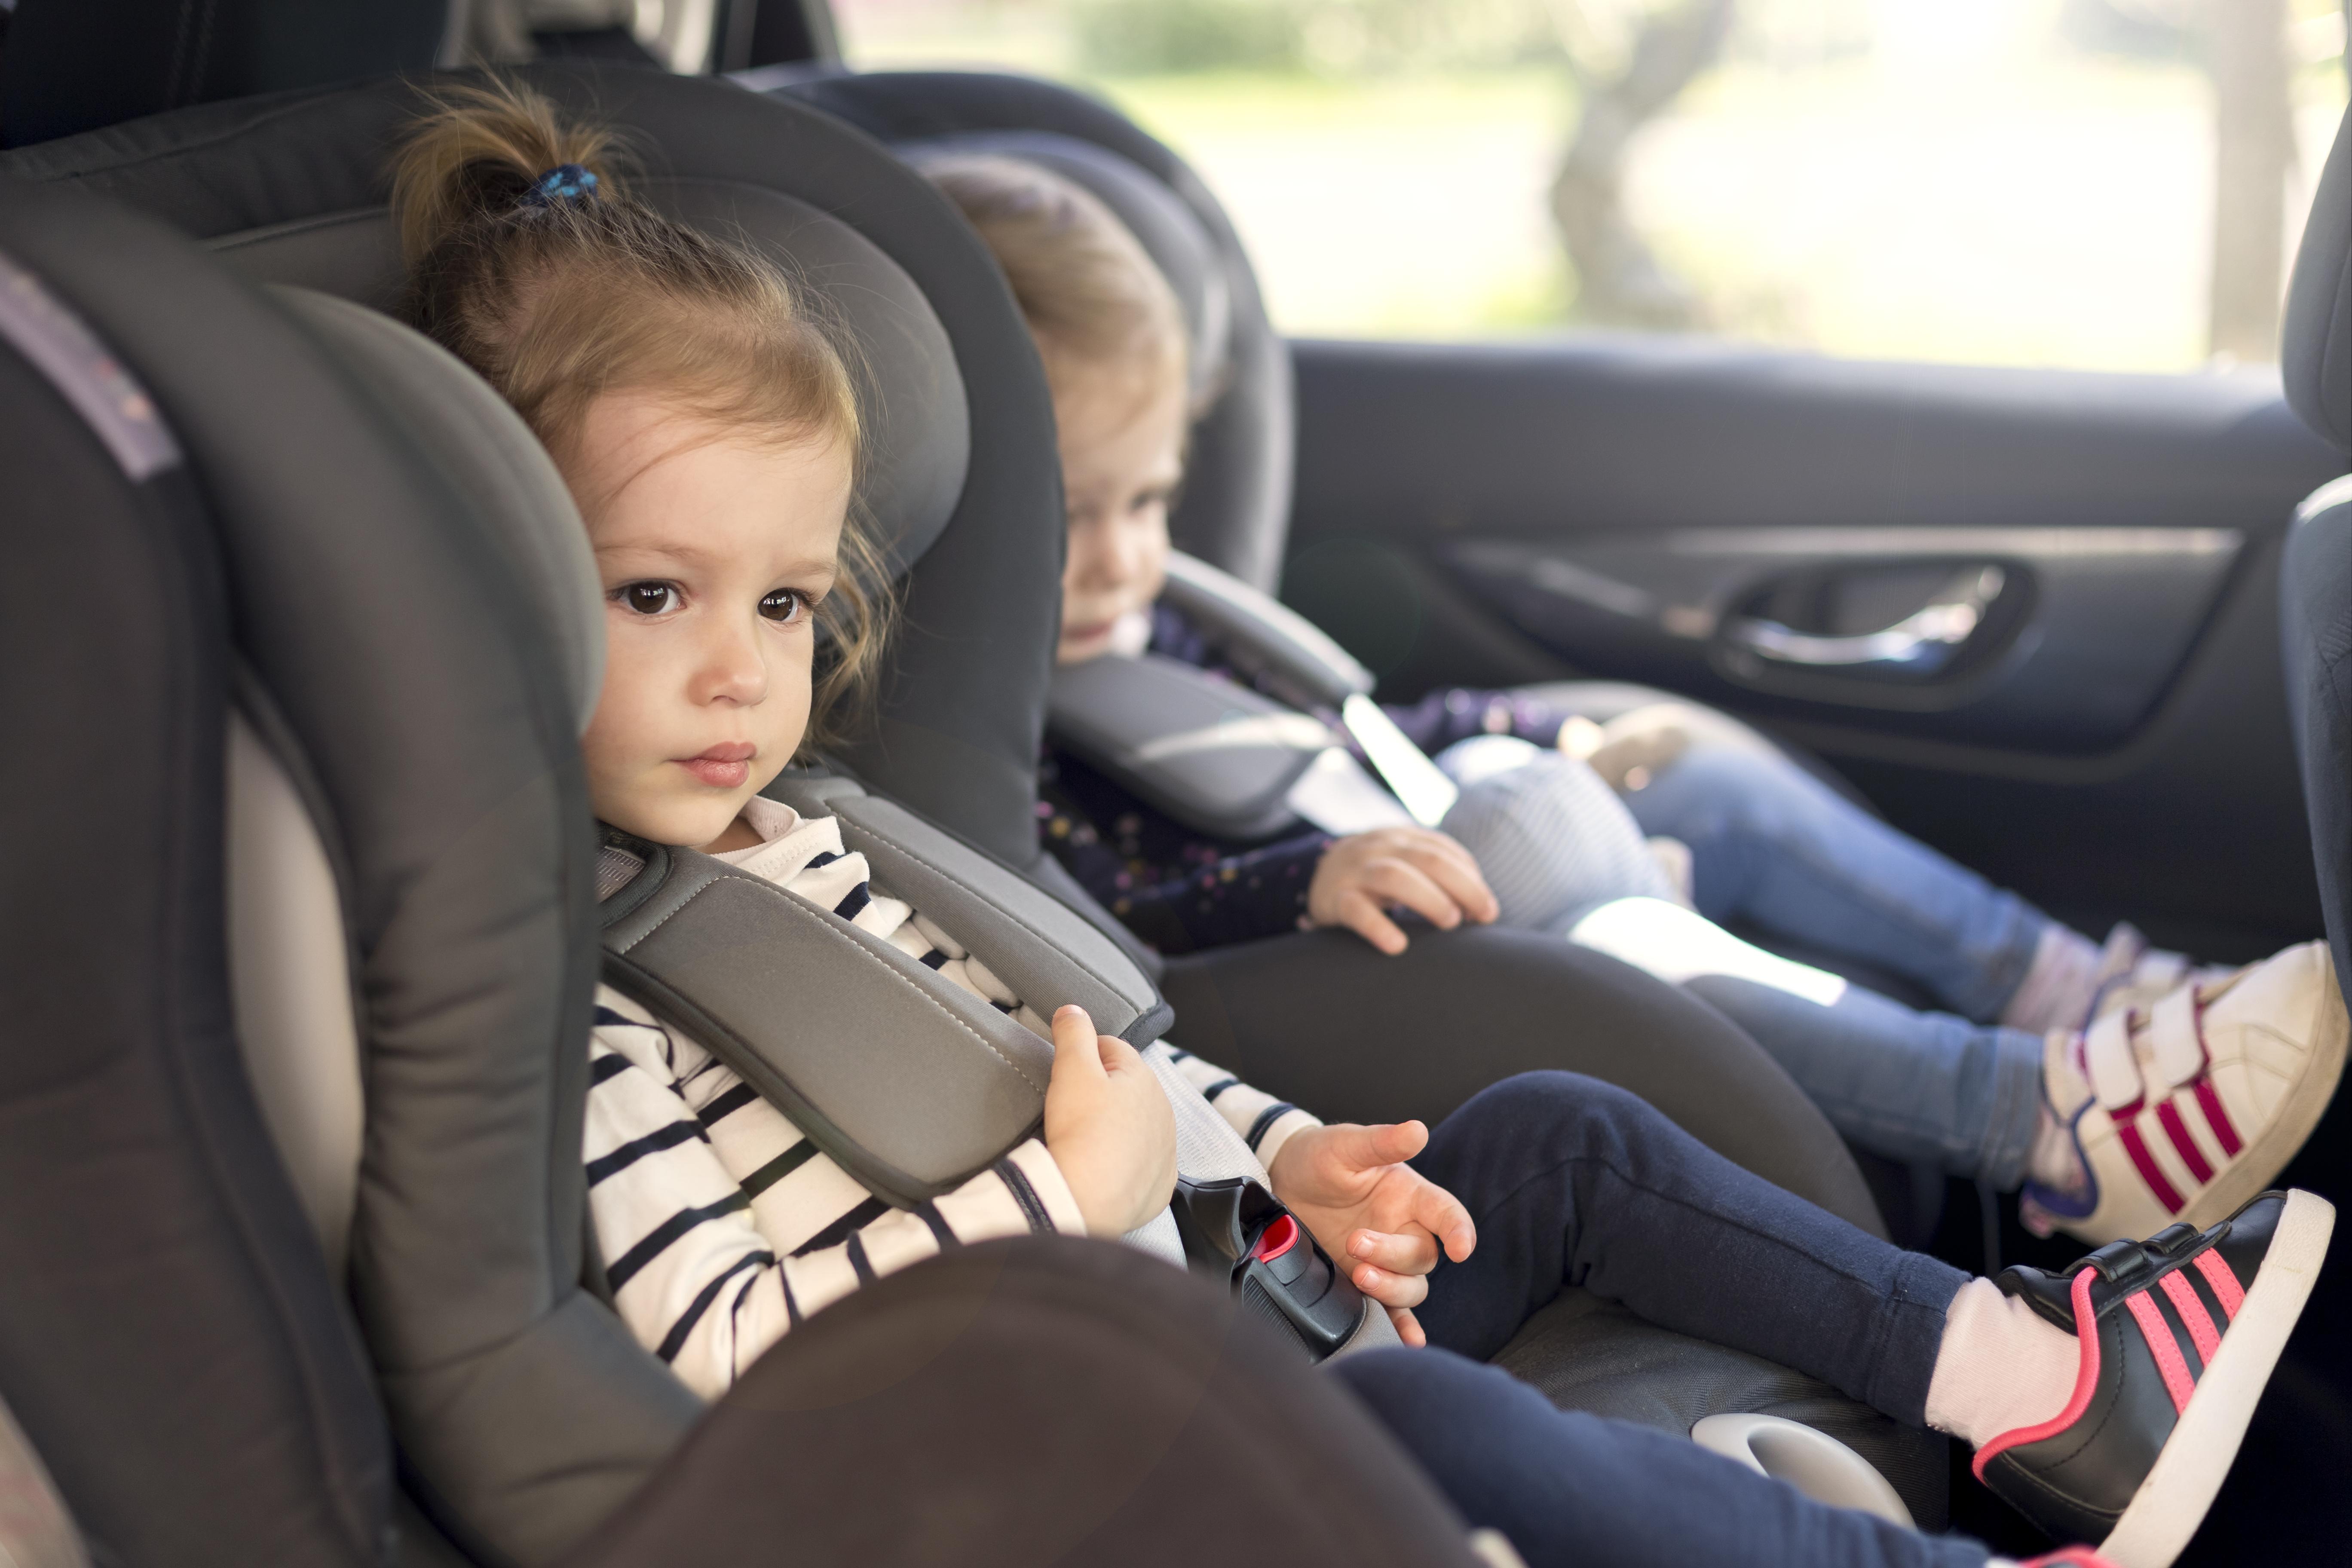 Crianças na cadeirinha do carro